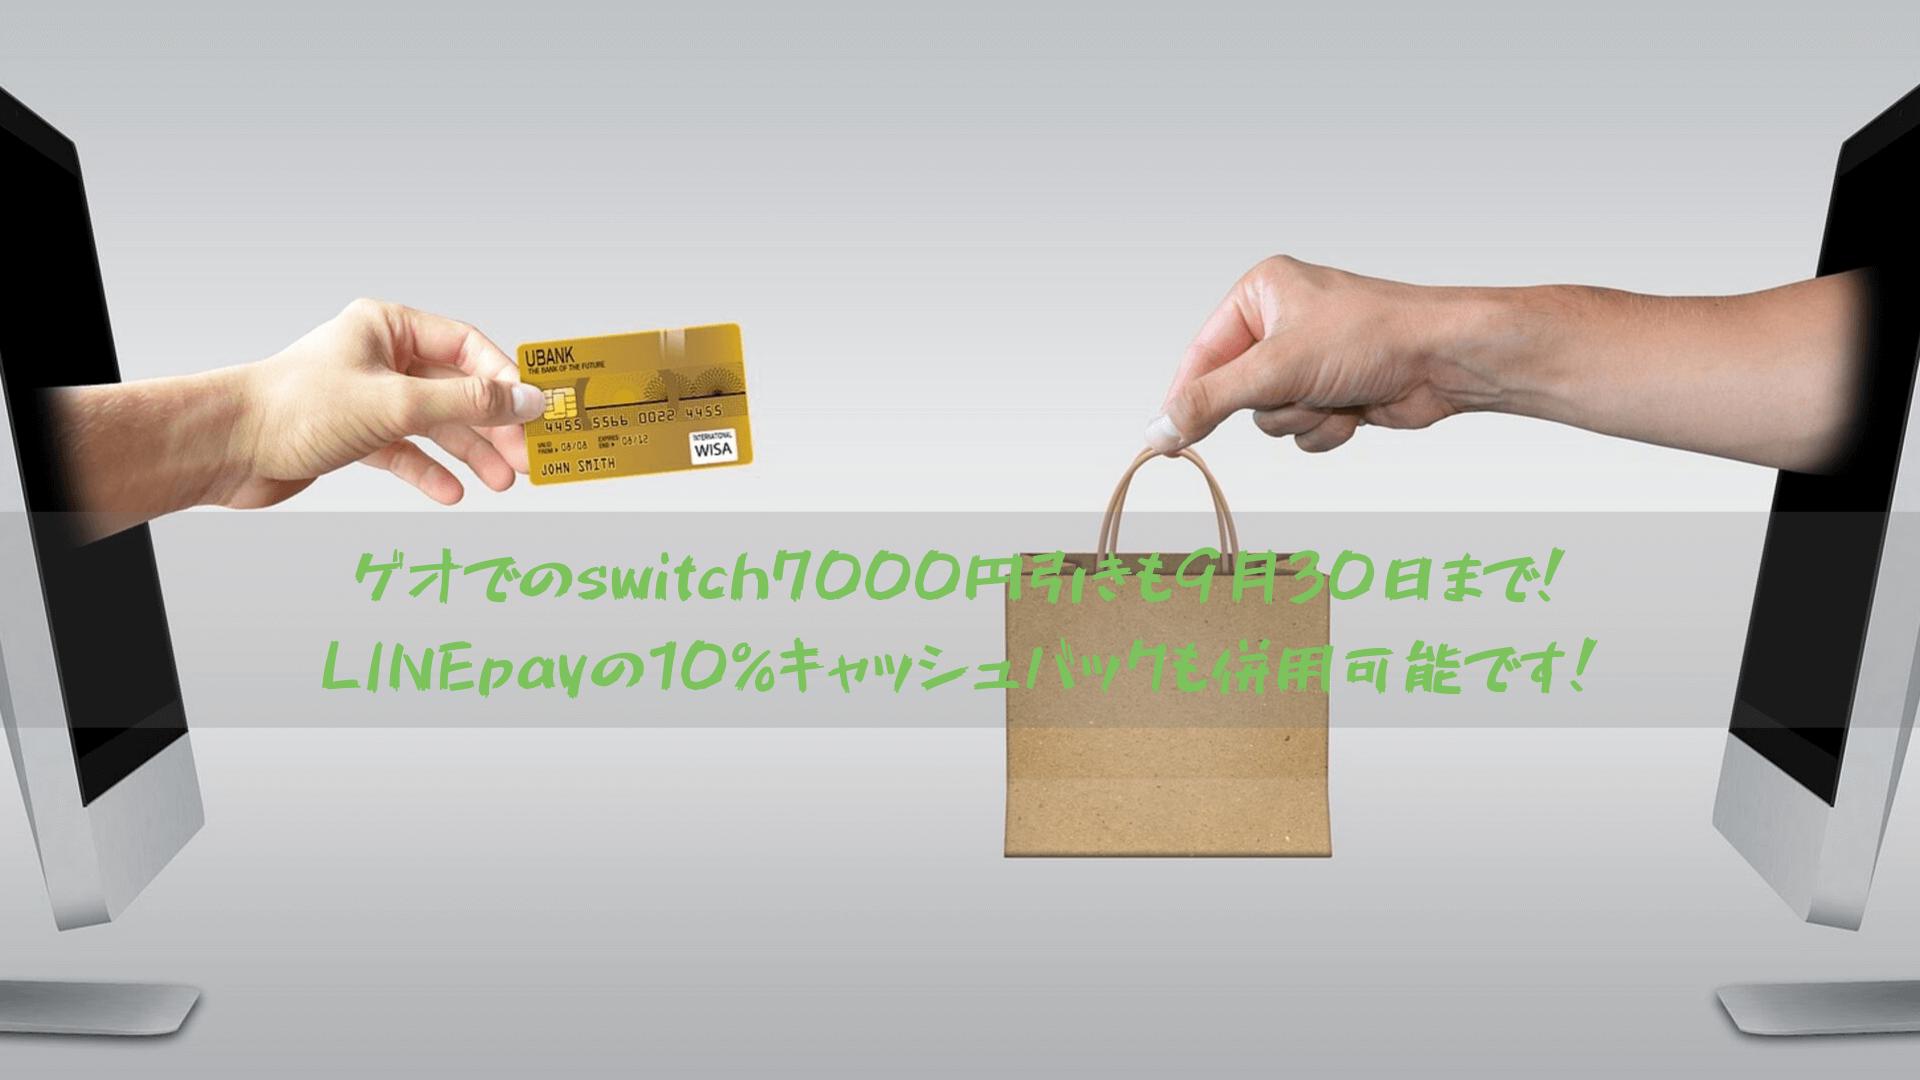 ゲオでのswitch7000円引きも9月30日まで!LINEpayの10%キャッシュバックも併用可能です!